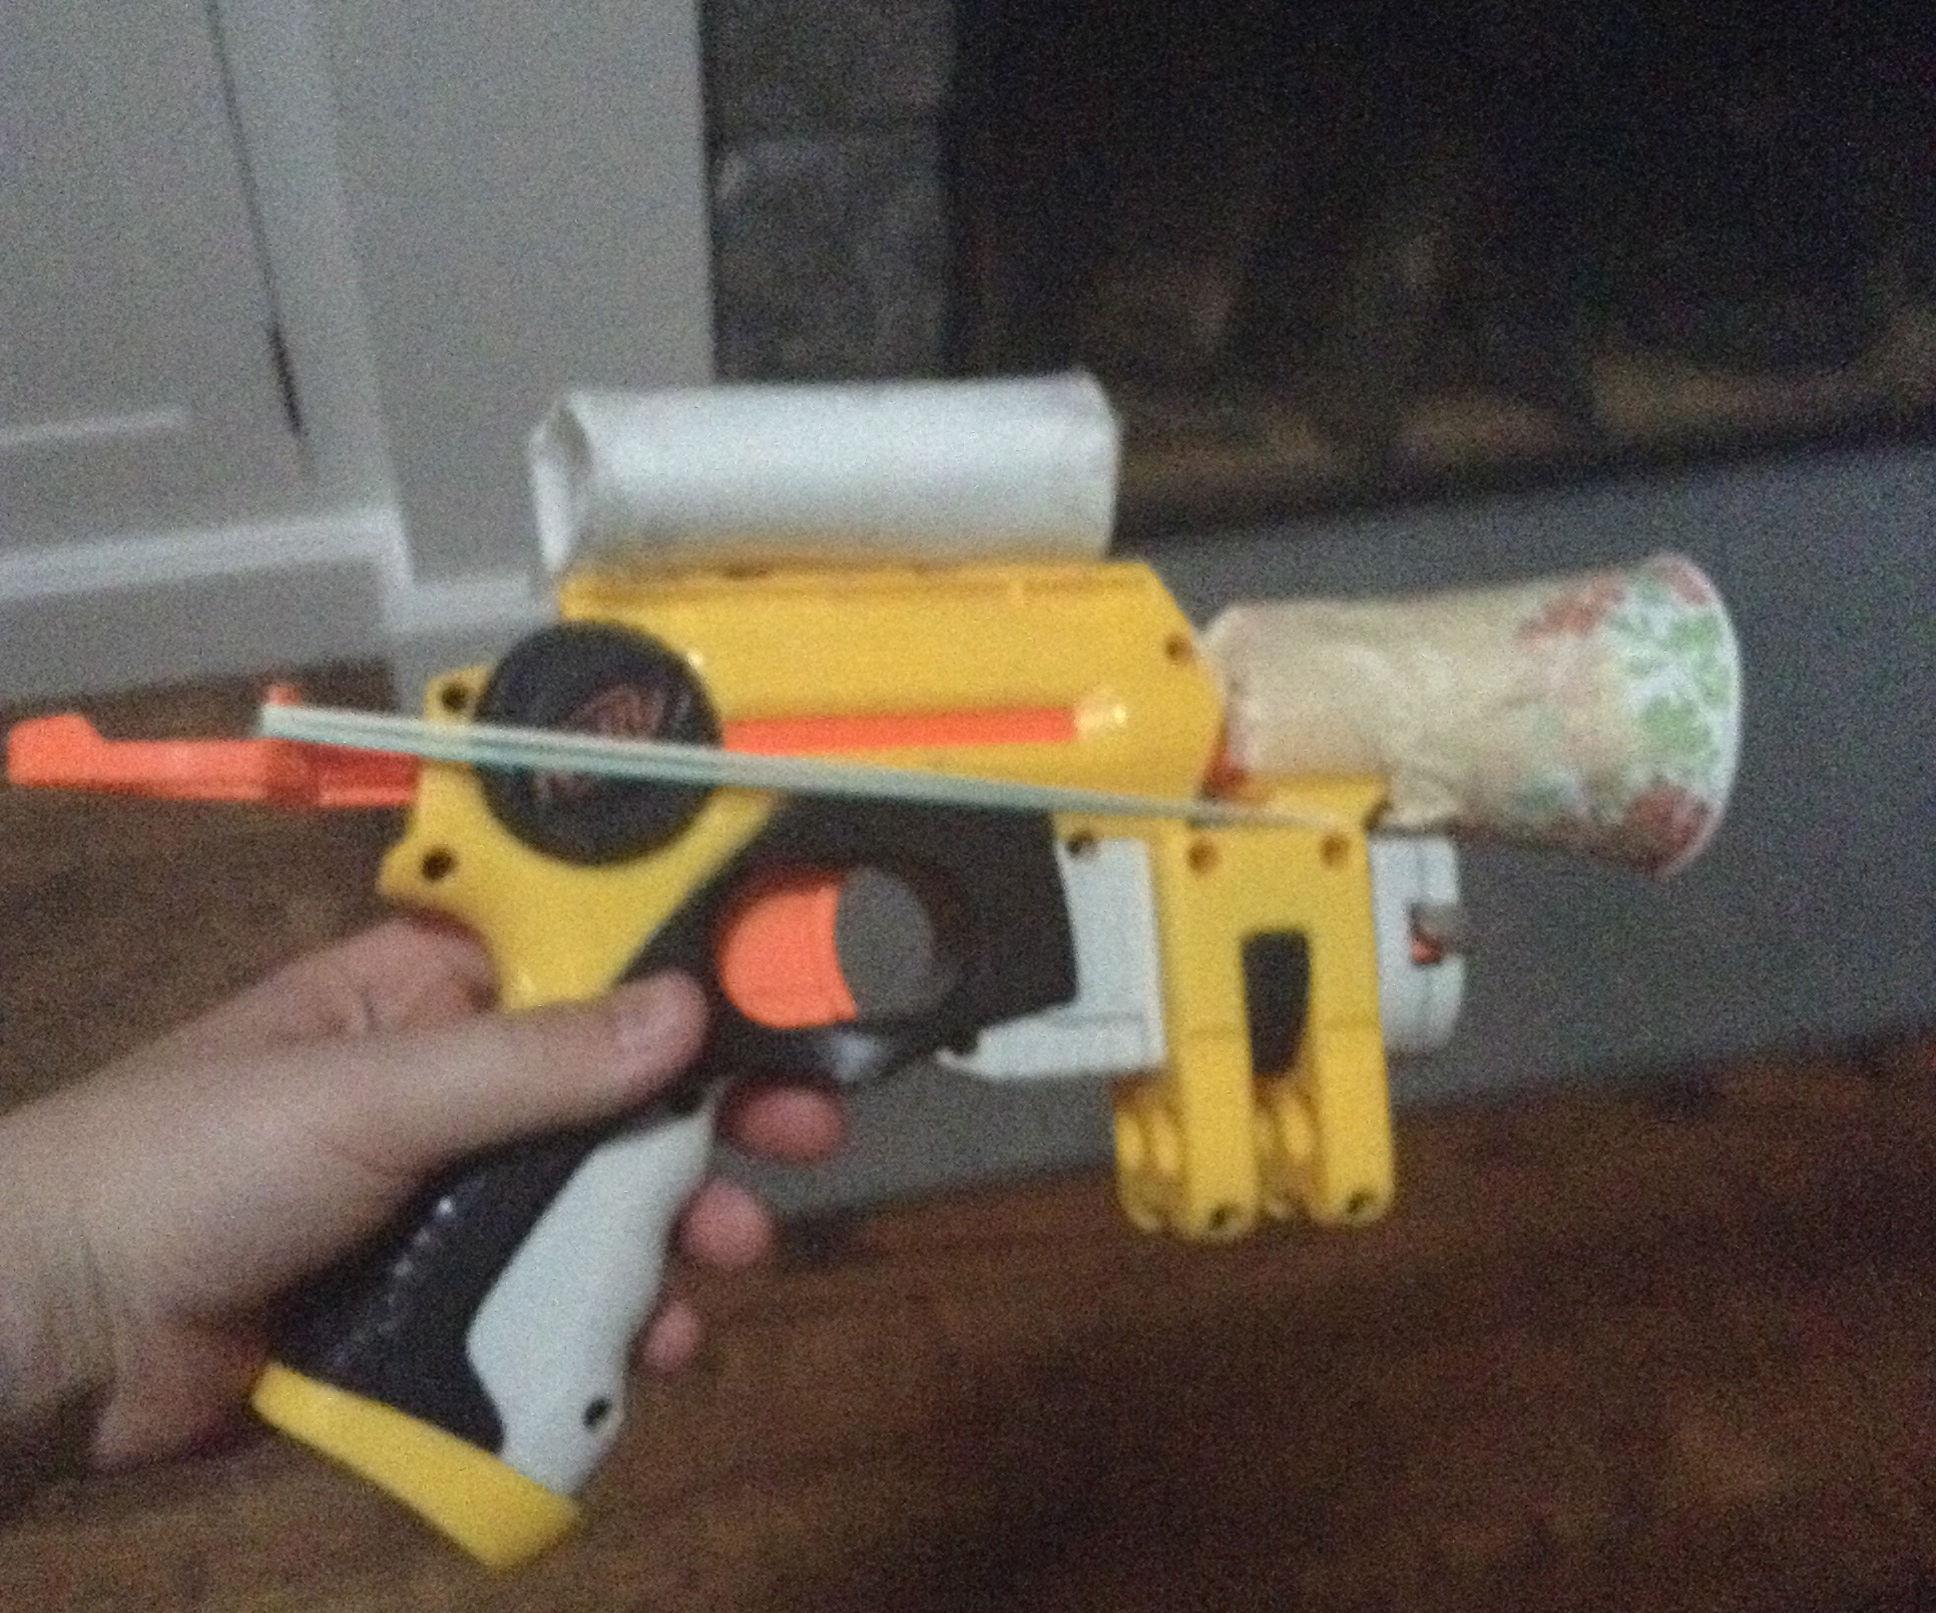 Moded NERF Gun!